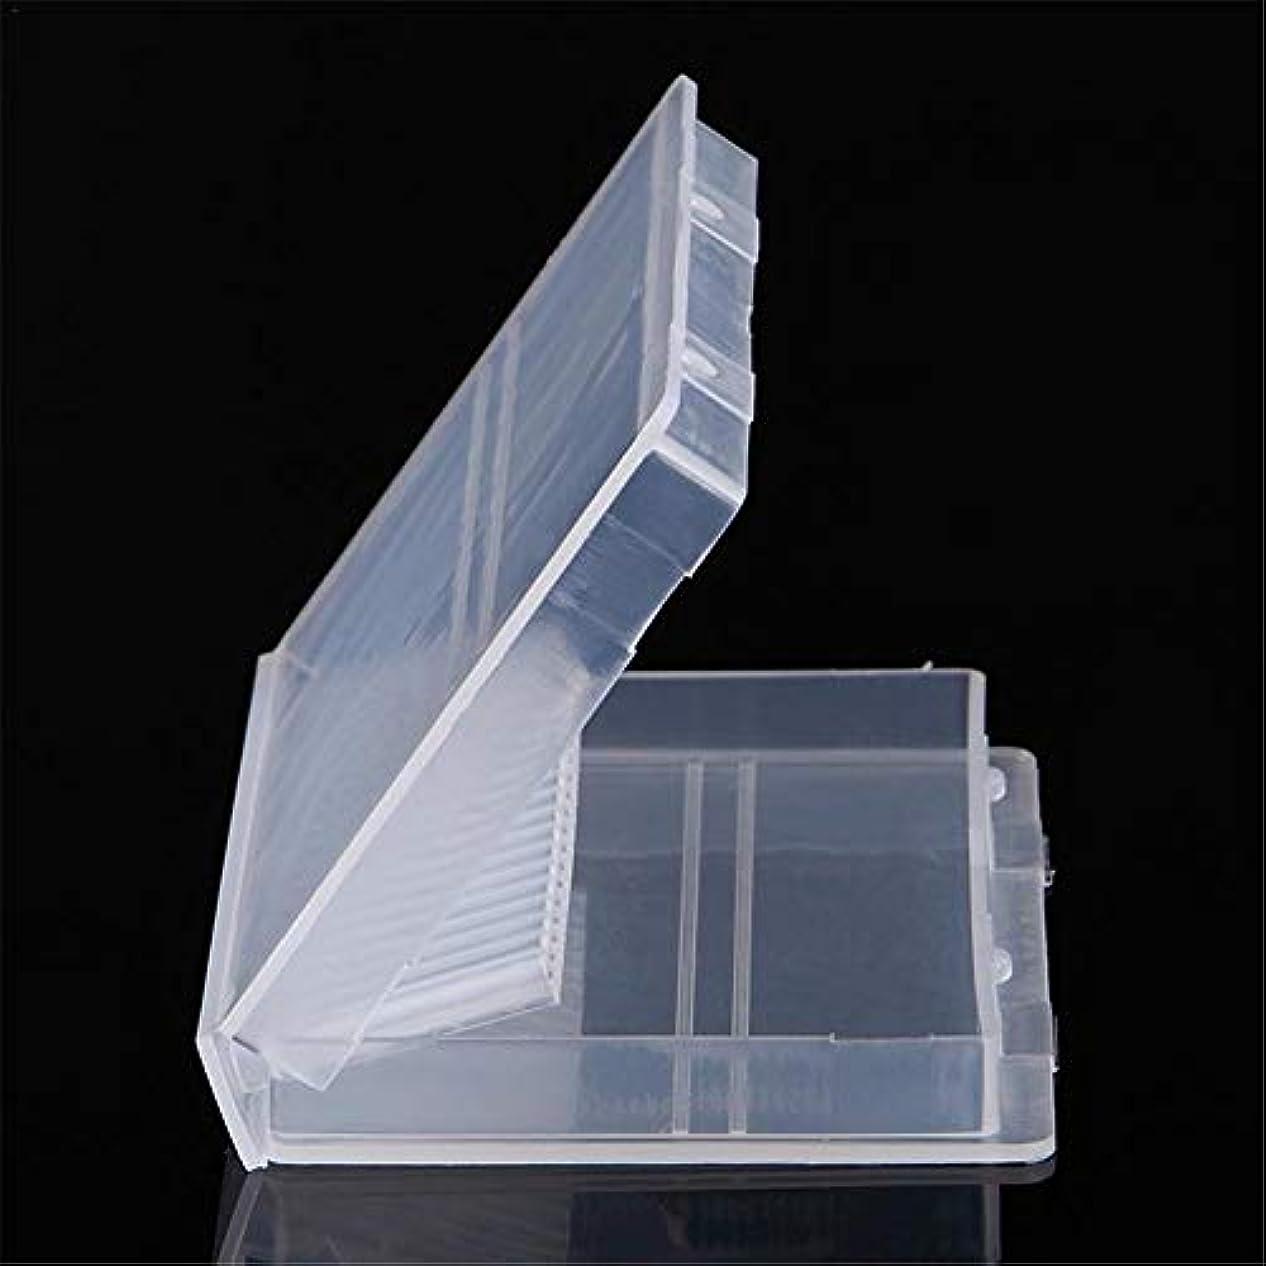 異邦人悪化させるまもなくRuier-tong ネイルドリル 収納ケース ネイルビッドセット 研削ネイル用 透明 プラスチック 20穴 ネイル研削ヘッド収納ボックス